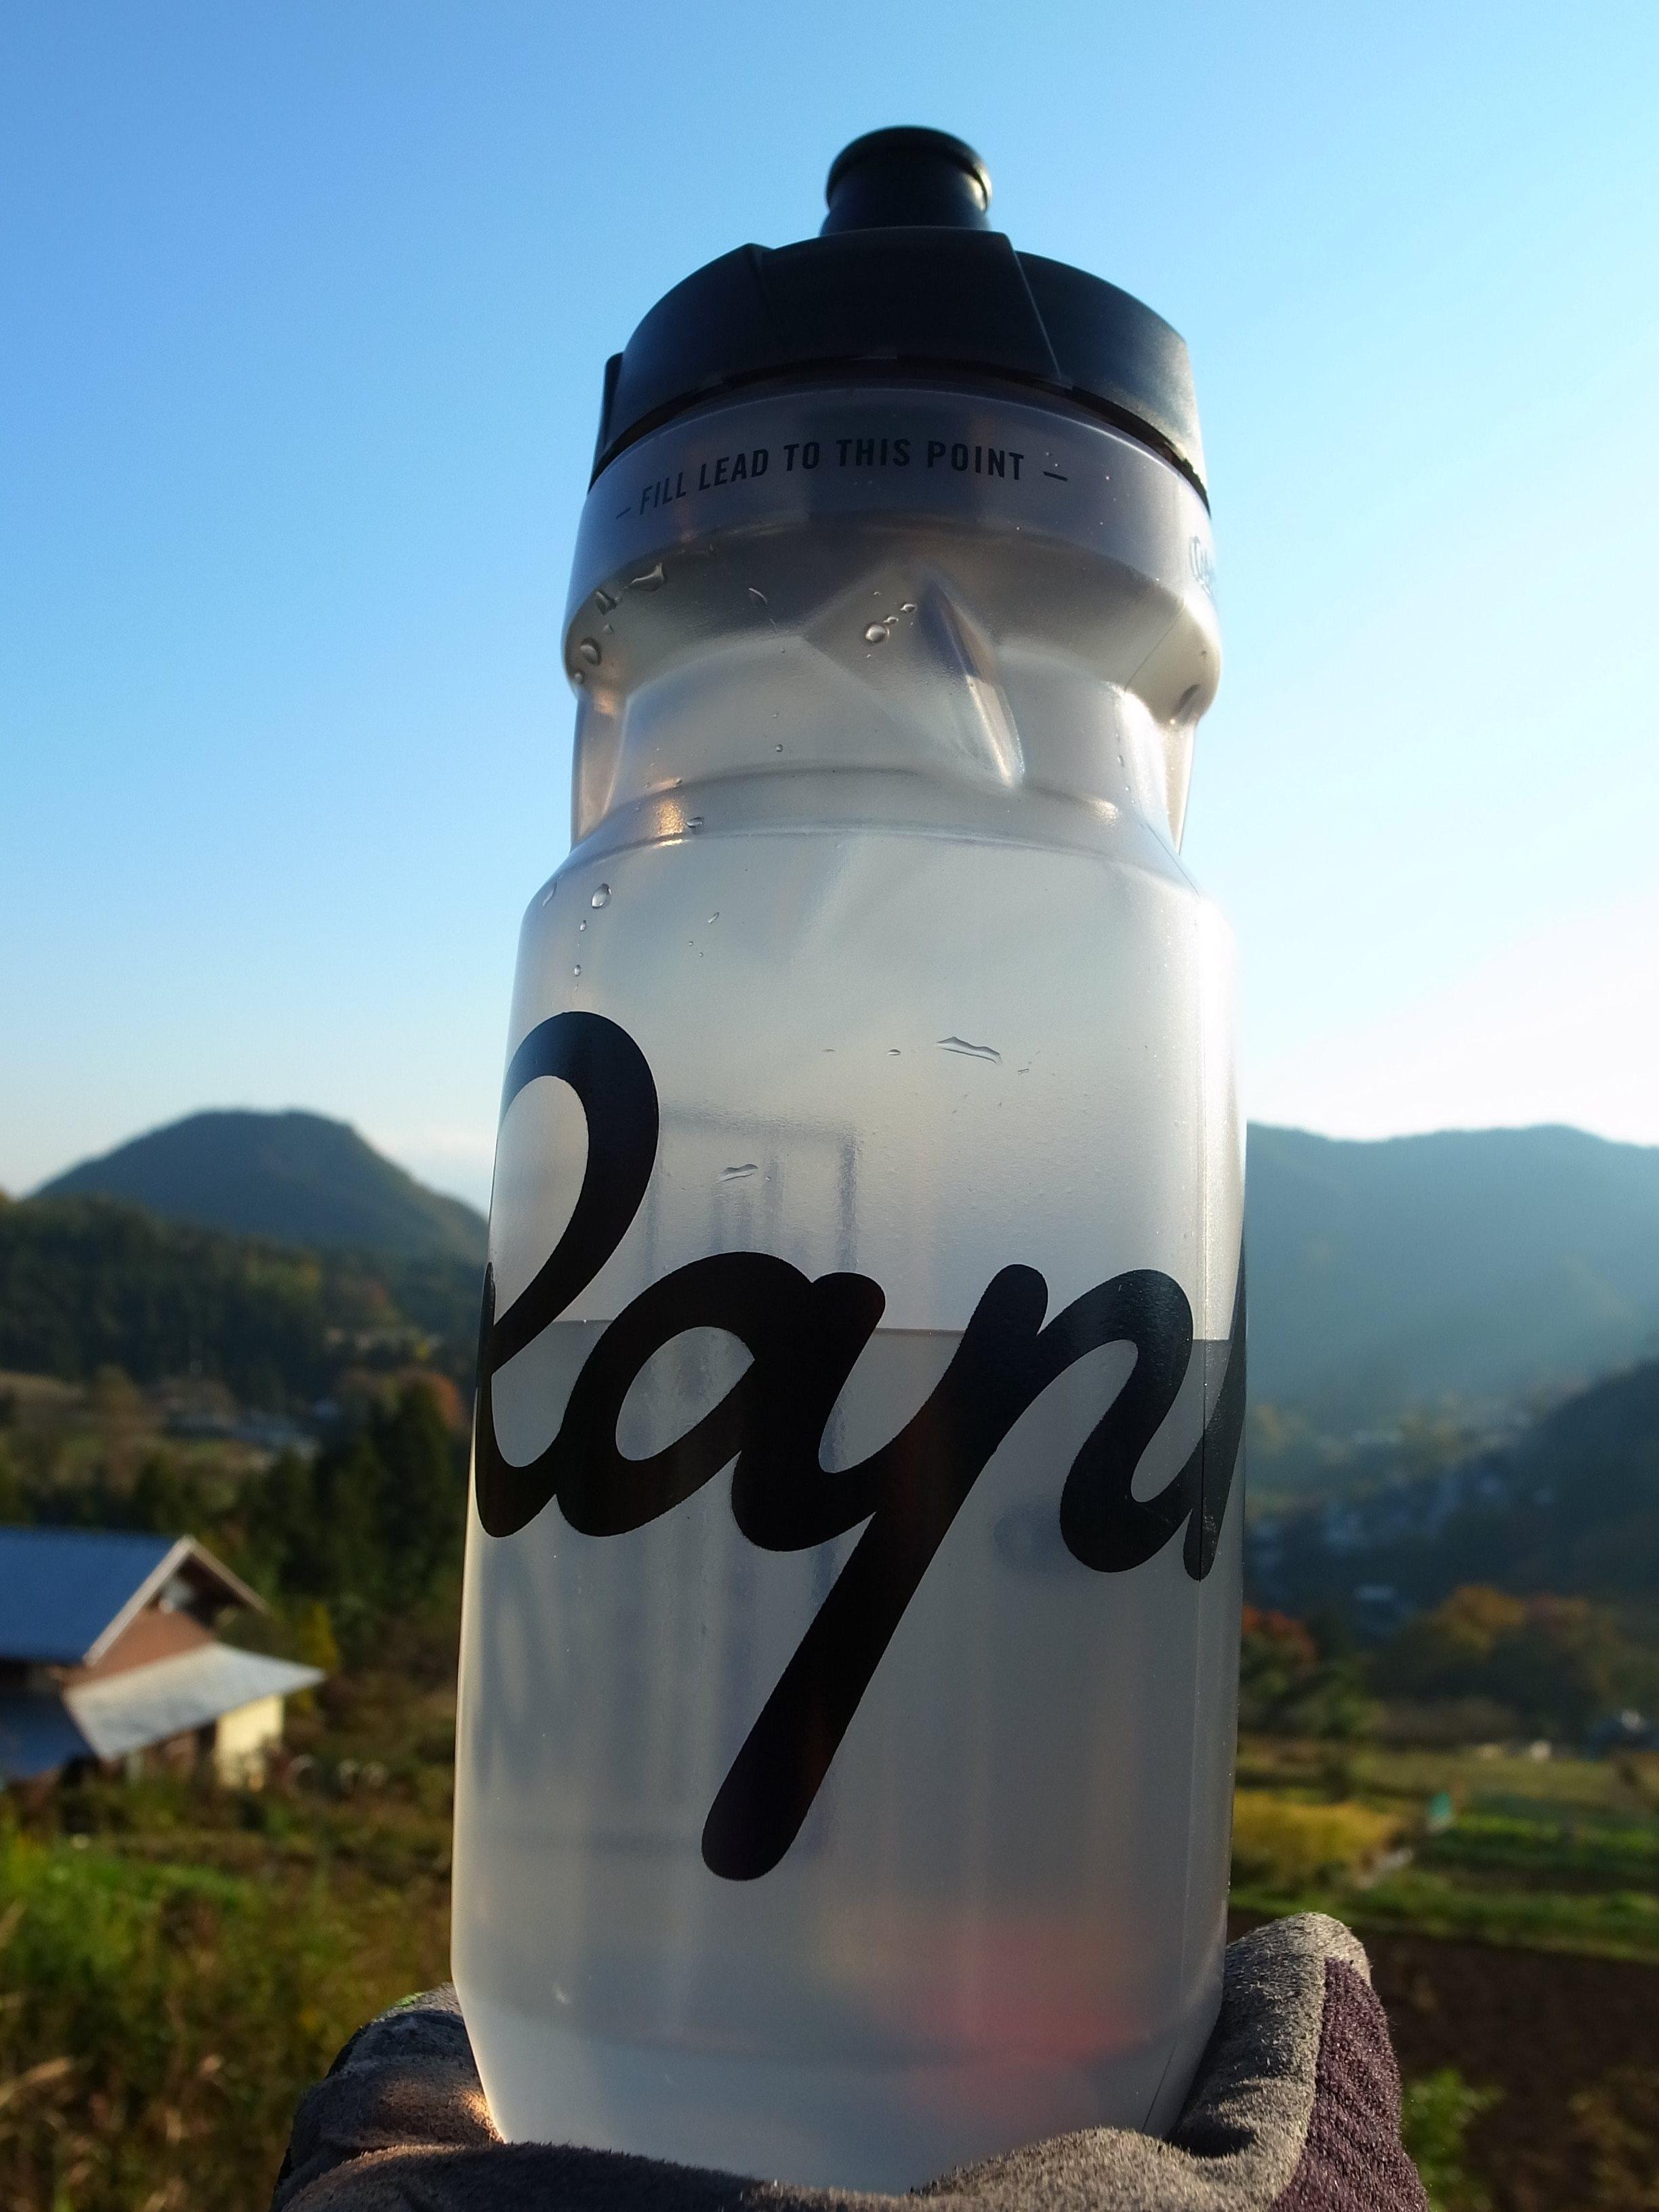 Rapha(ラファ)のボトル(ビドン)